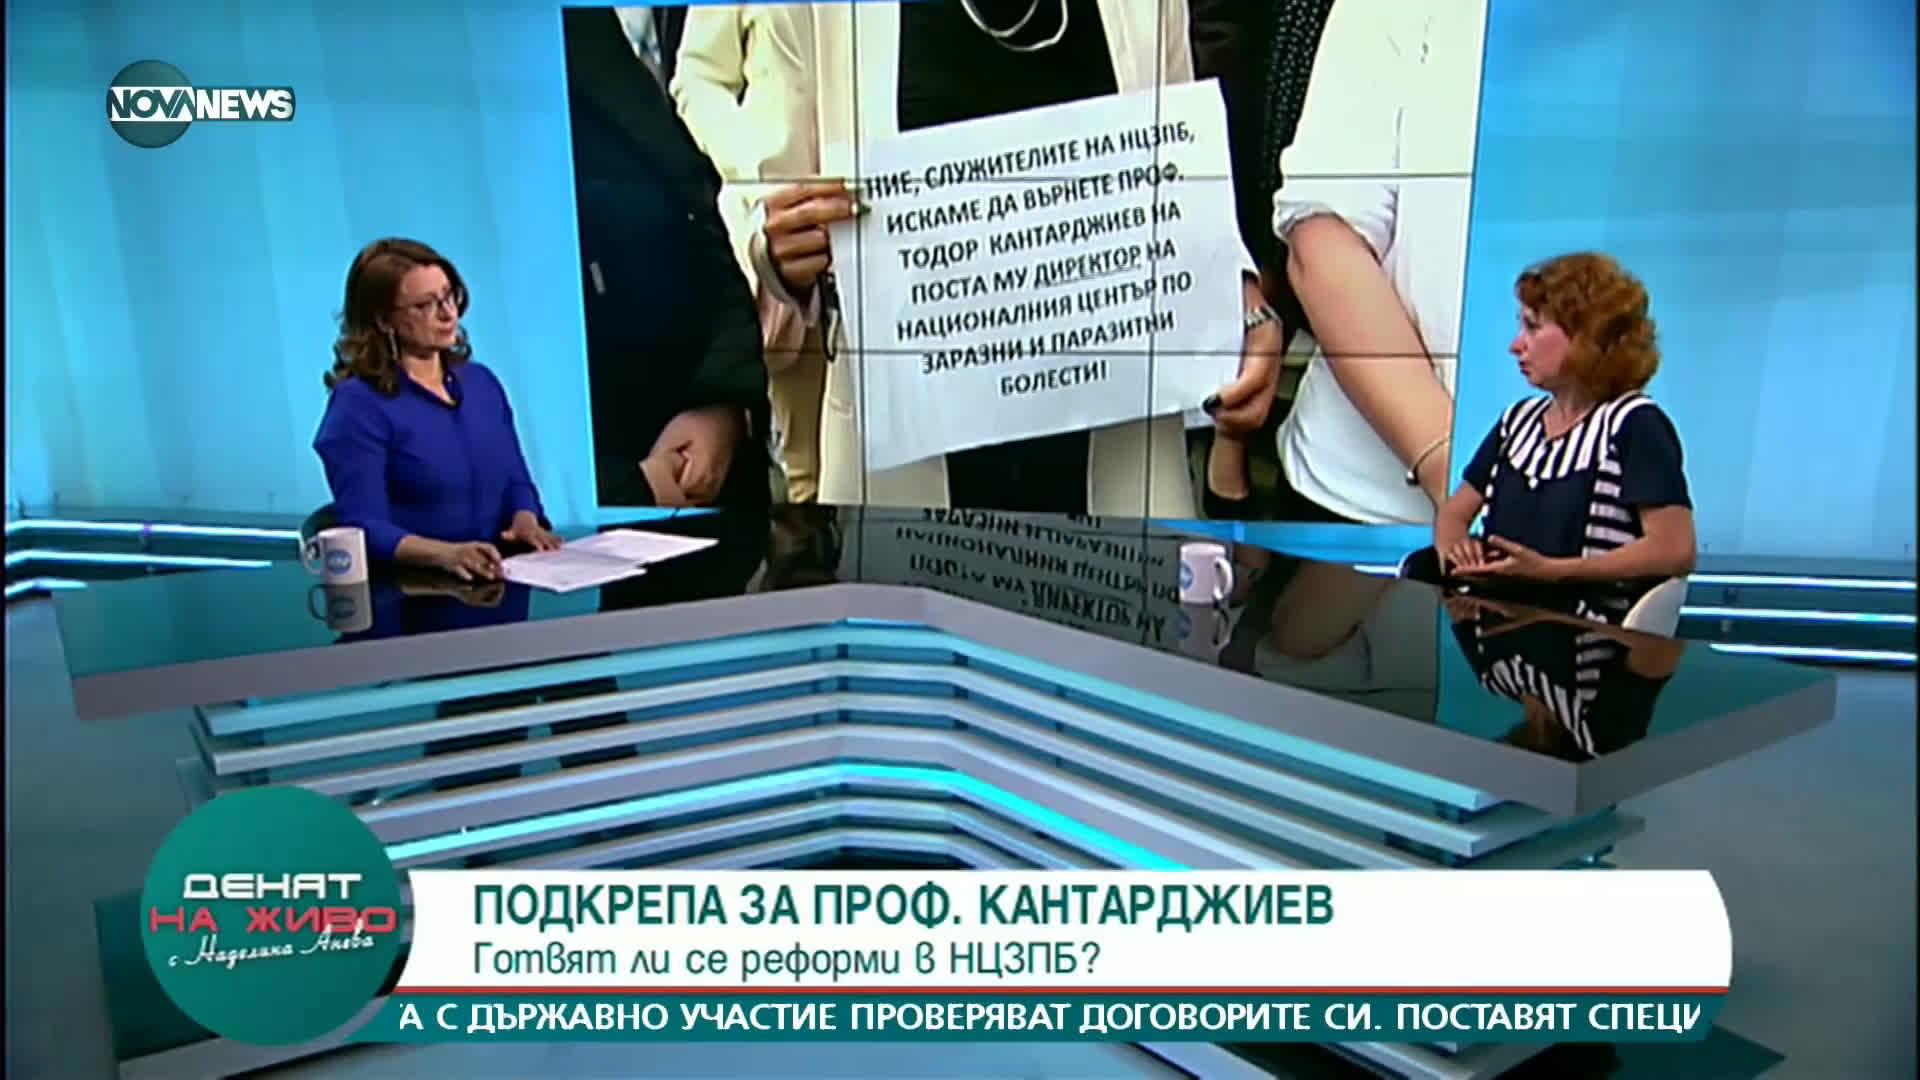 Проф. Ива Христова: Проф. Кантарджиев беше повече от директор